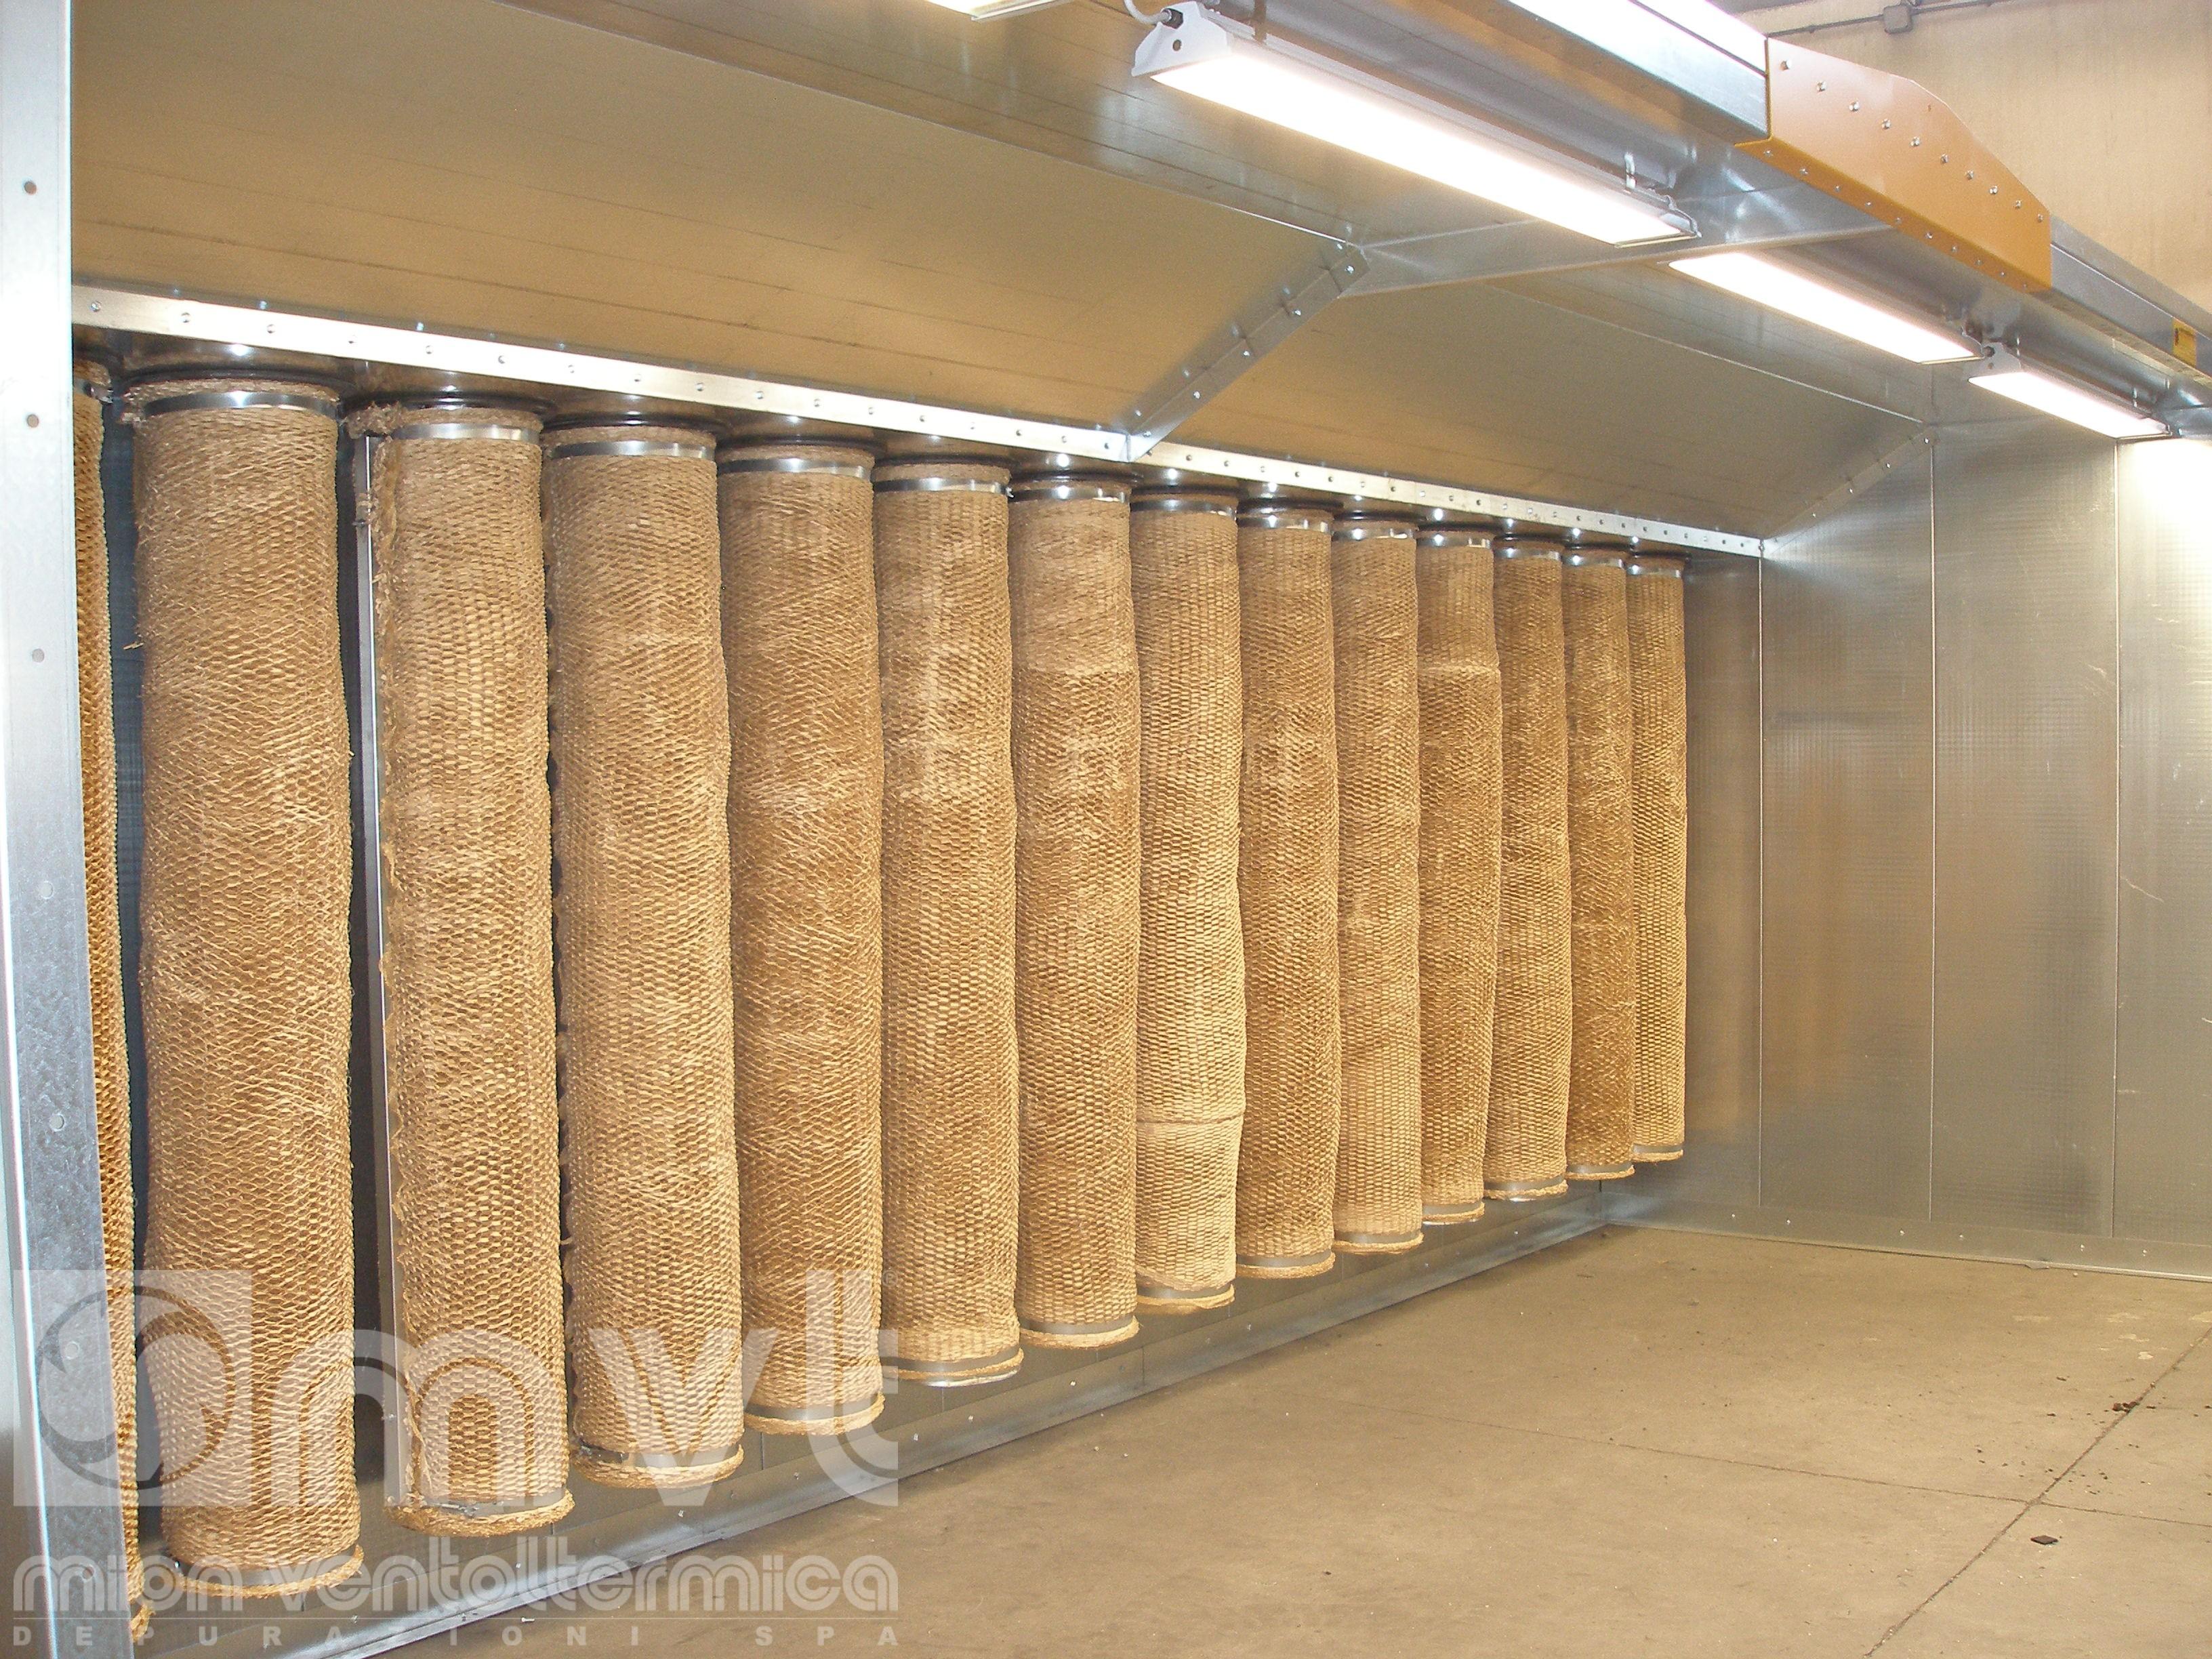 cabine di verniciatura a secco